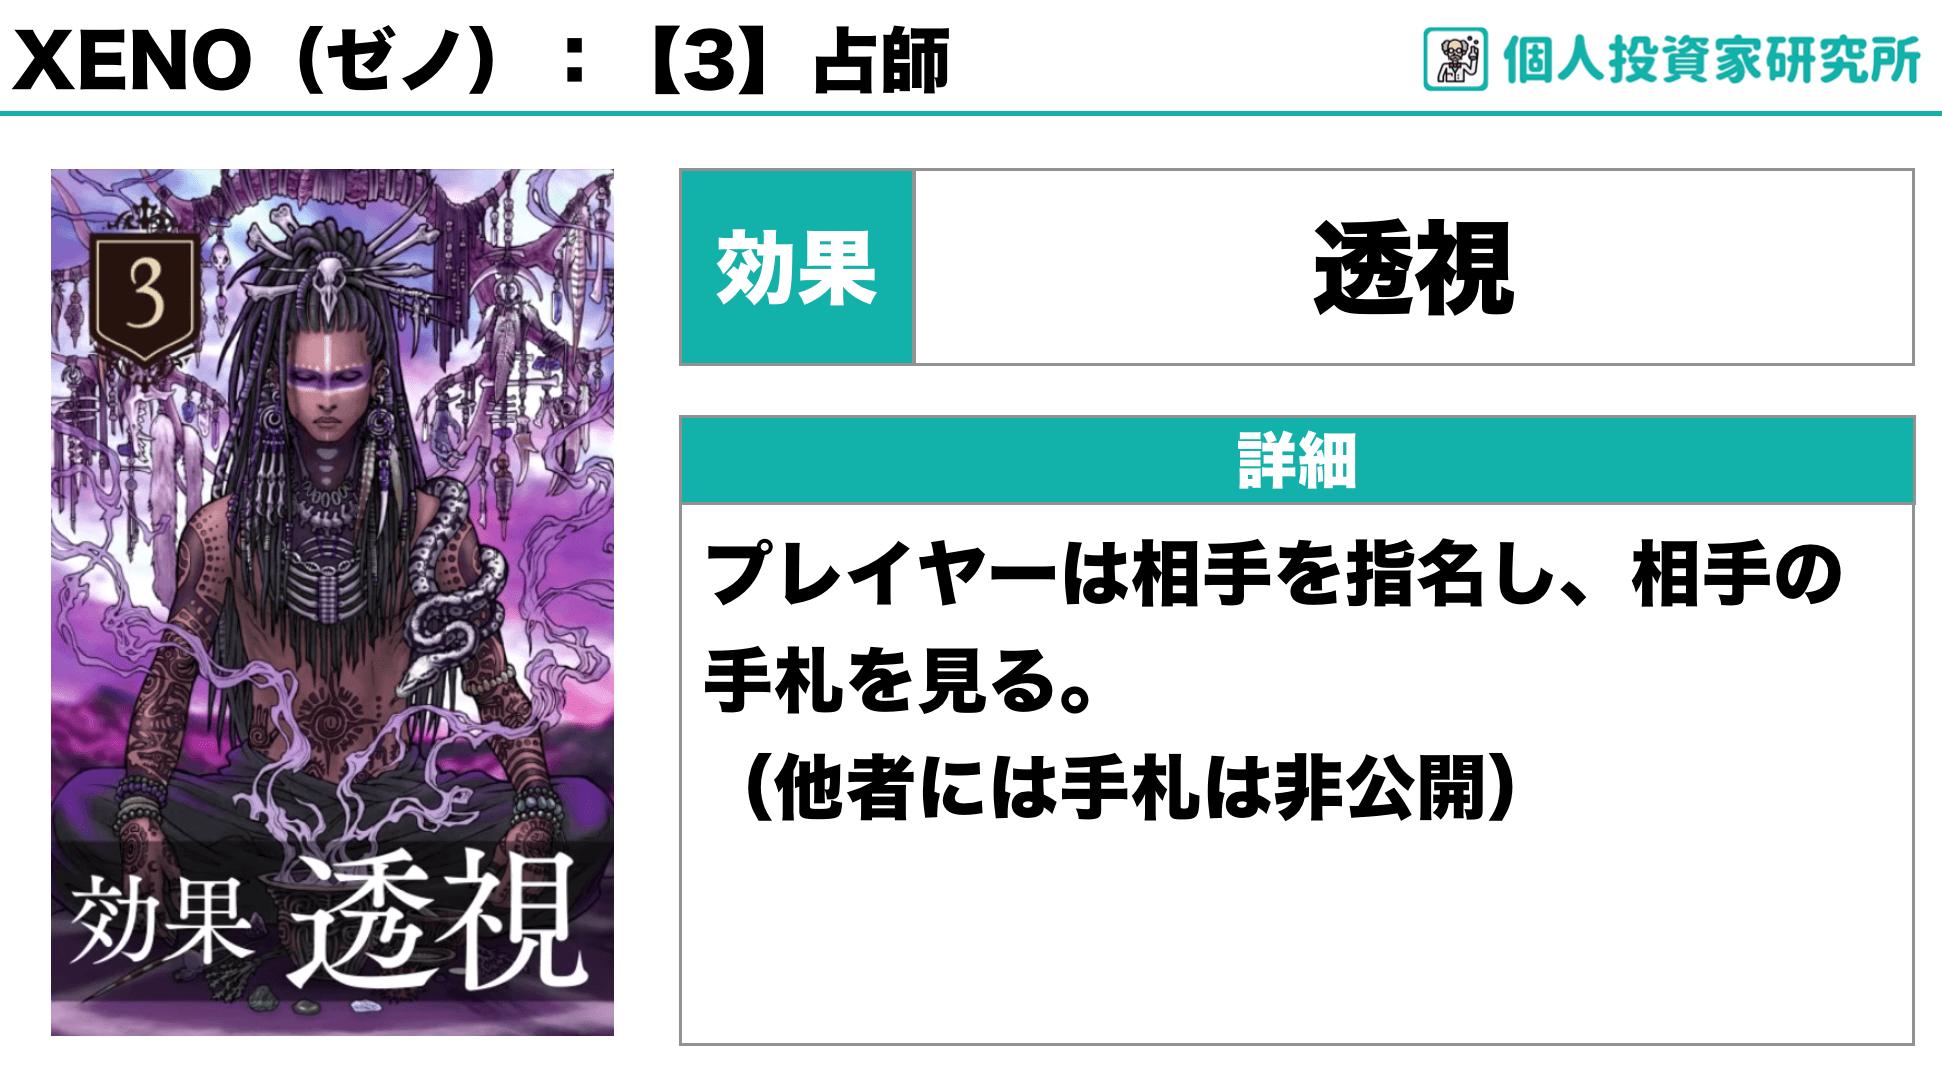 【ルール_カードの効果】中田敦彦さん考案のカードゲーム・XENO(ゼノ)3